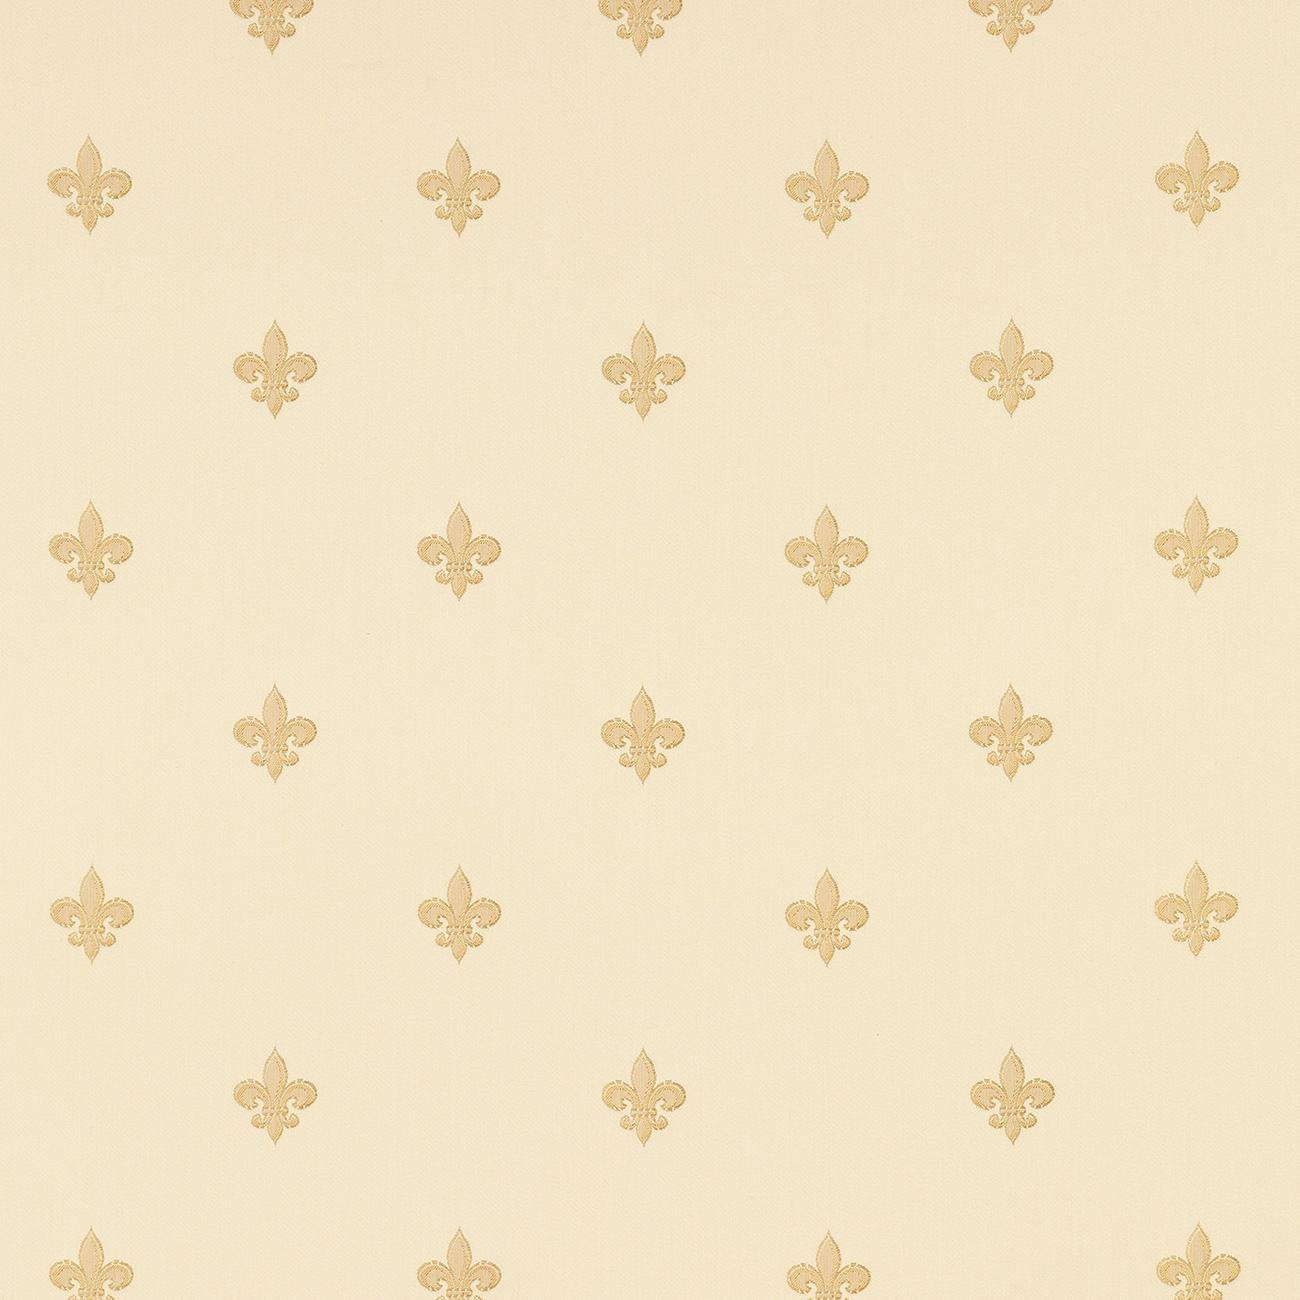 vorhang rufina 1 st ck vorh nge kaufen das kavaliershaus. Black Bedroom Furniture Sets. Home Design Ideas